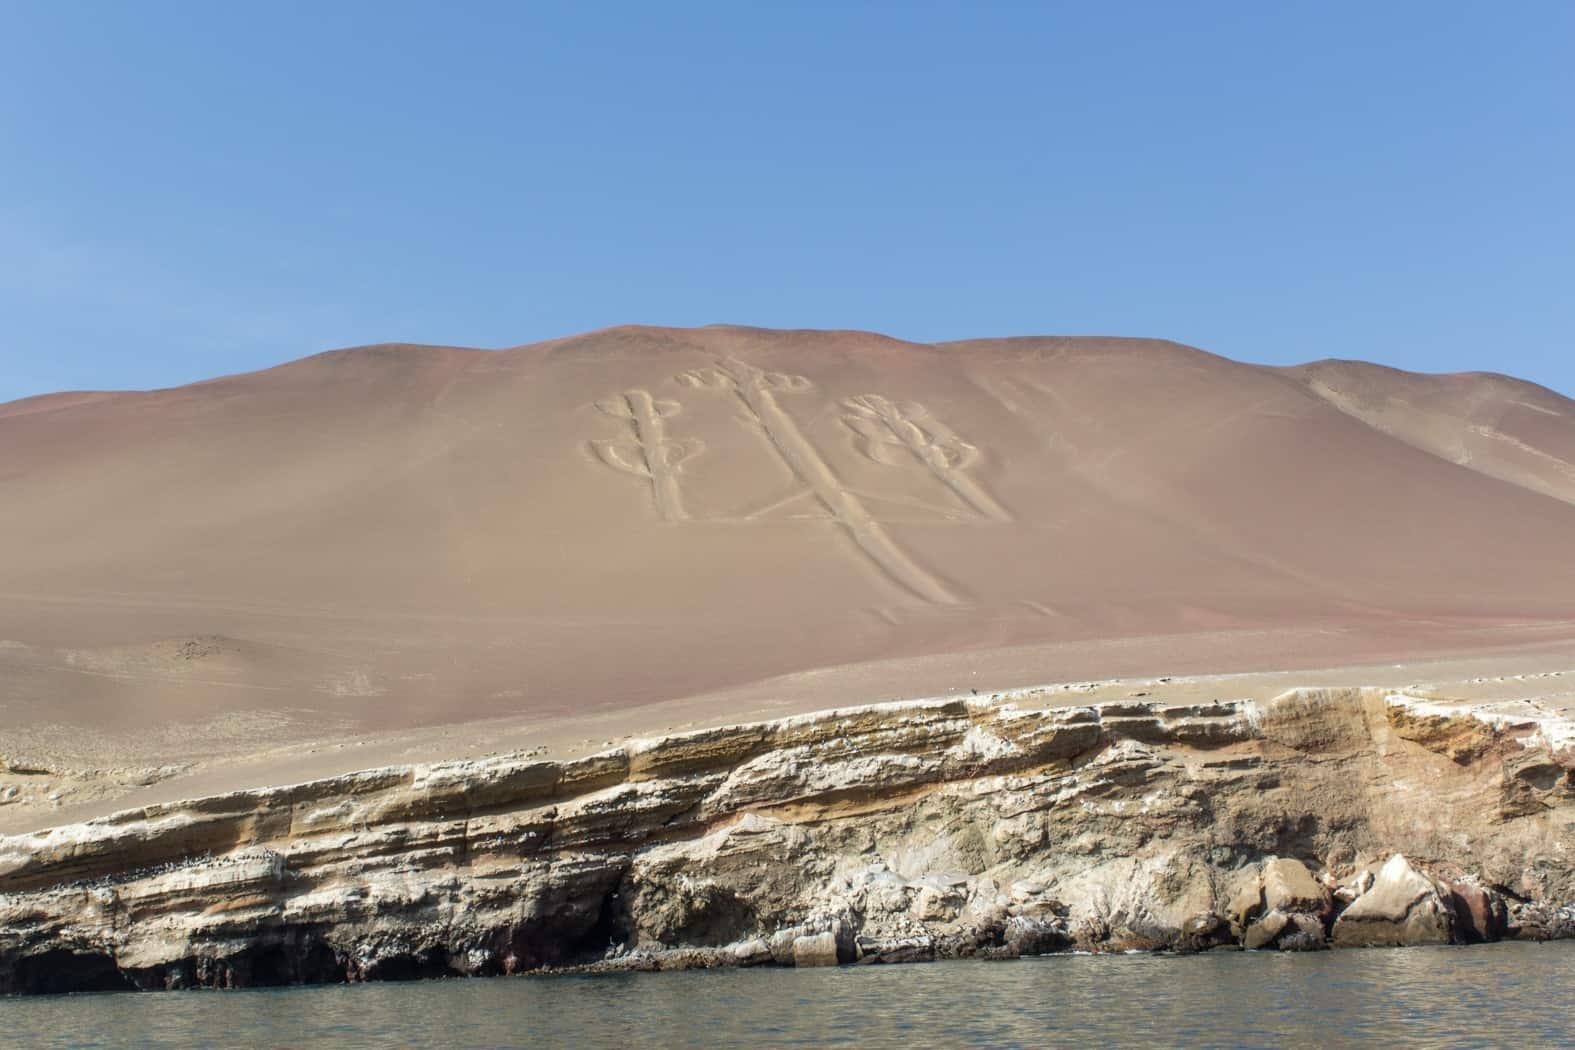 Islas-Ballestas-Paracas-7